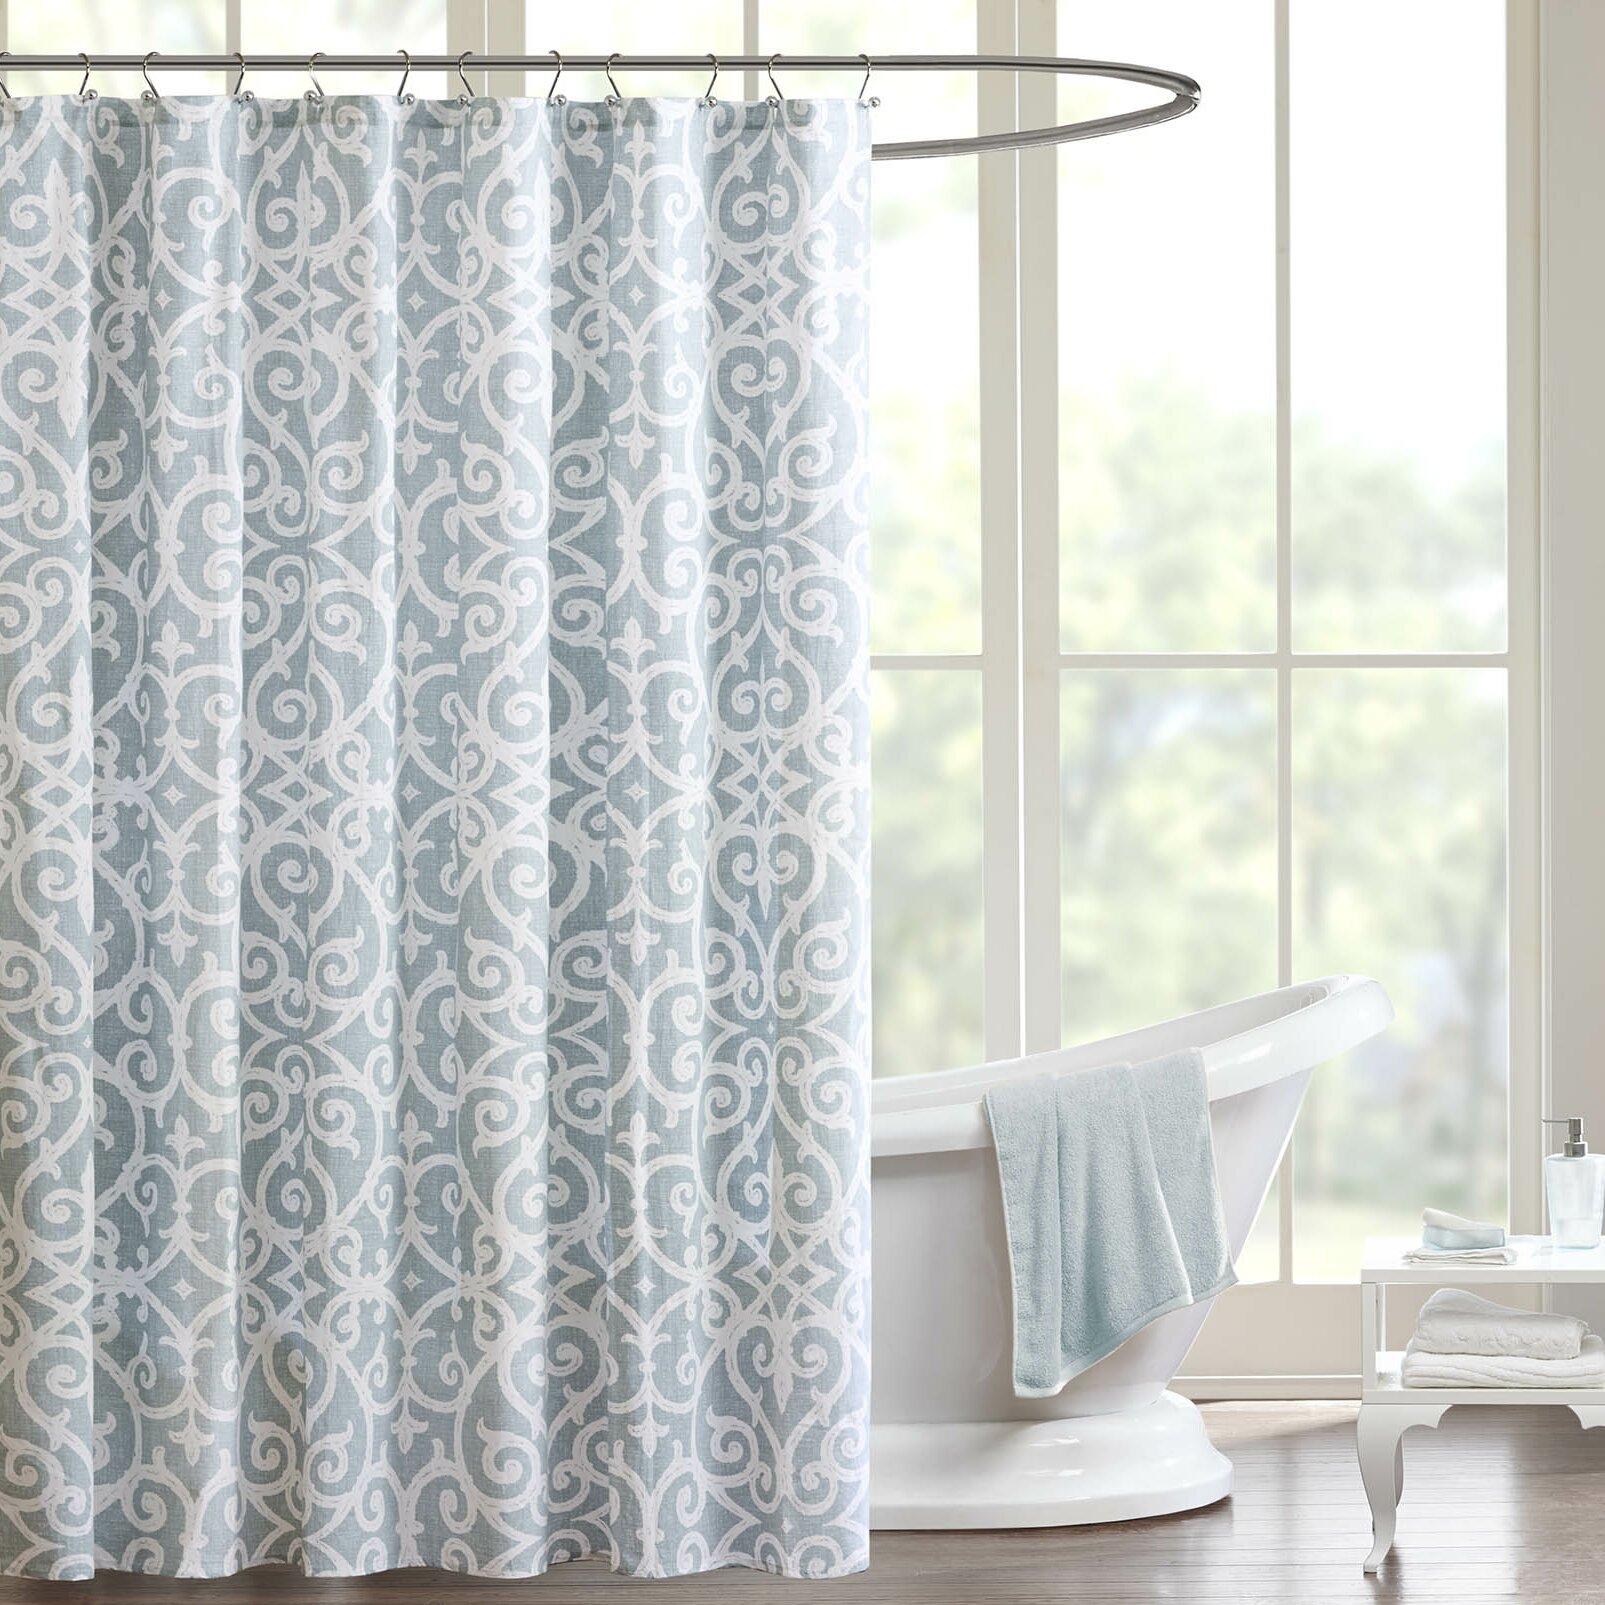 leopard print shower curtain set   Sanger Cotton Shower Curtain. Leopard print shower curtain set free image